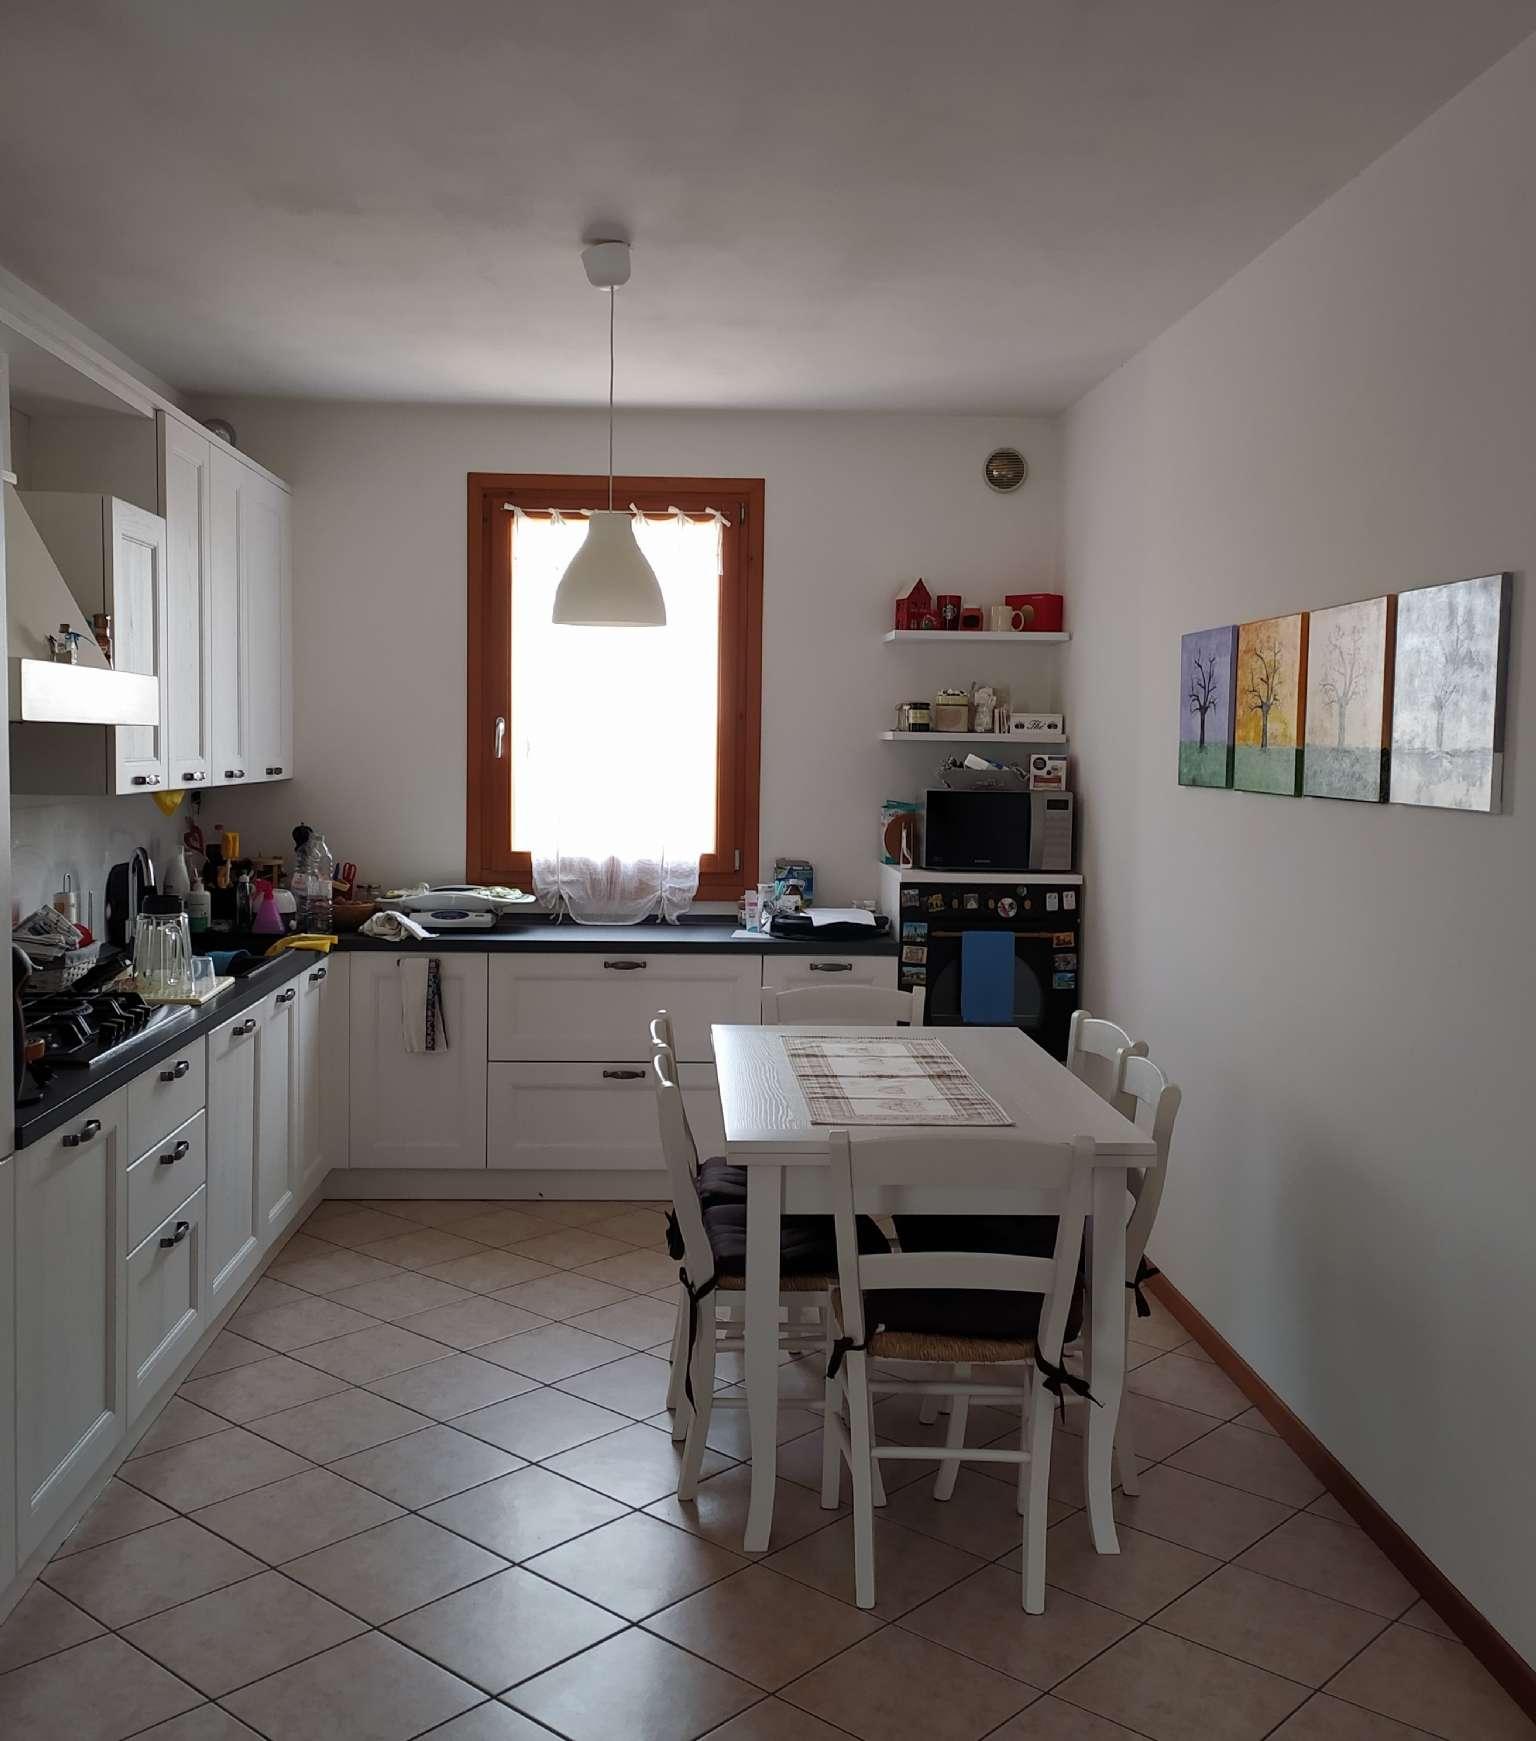 Appartamento in vendita a Paese, 5 locali, prezzo € 135.000 | PortaleAgenzieImmobiliari.it